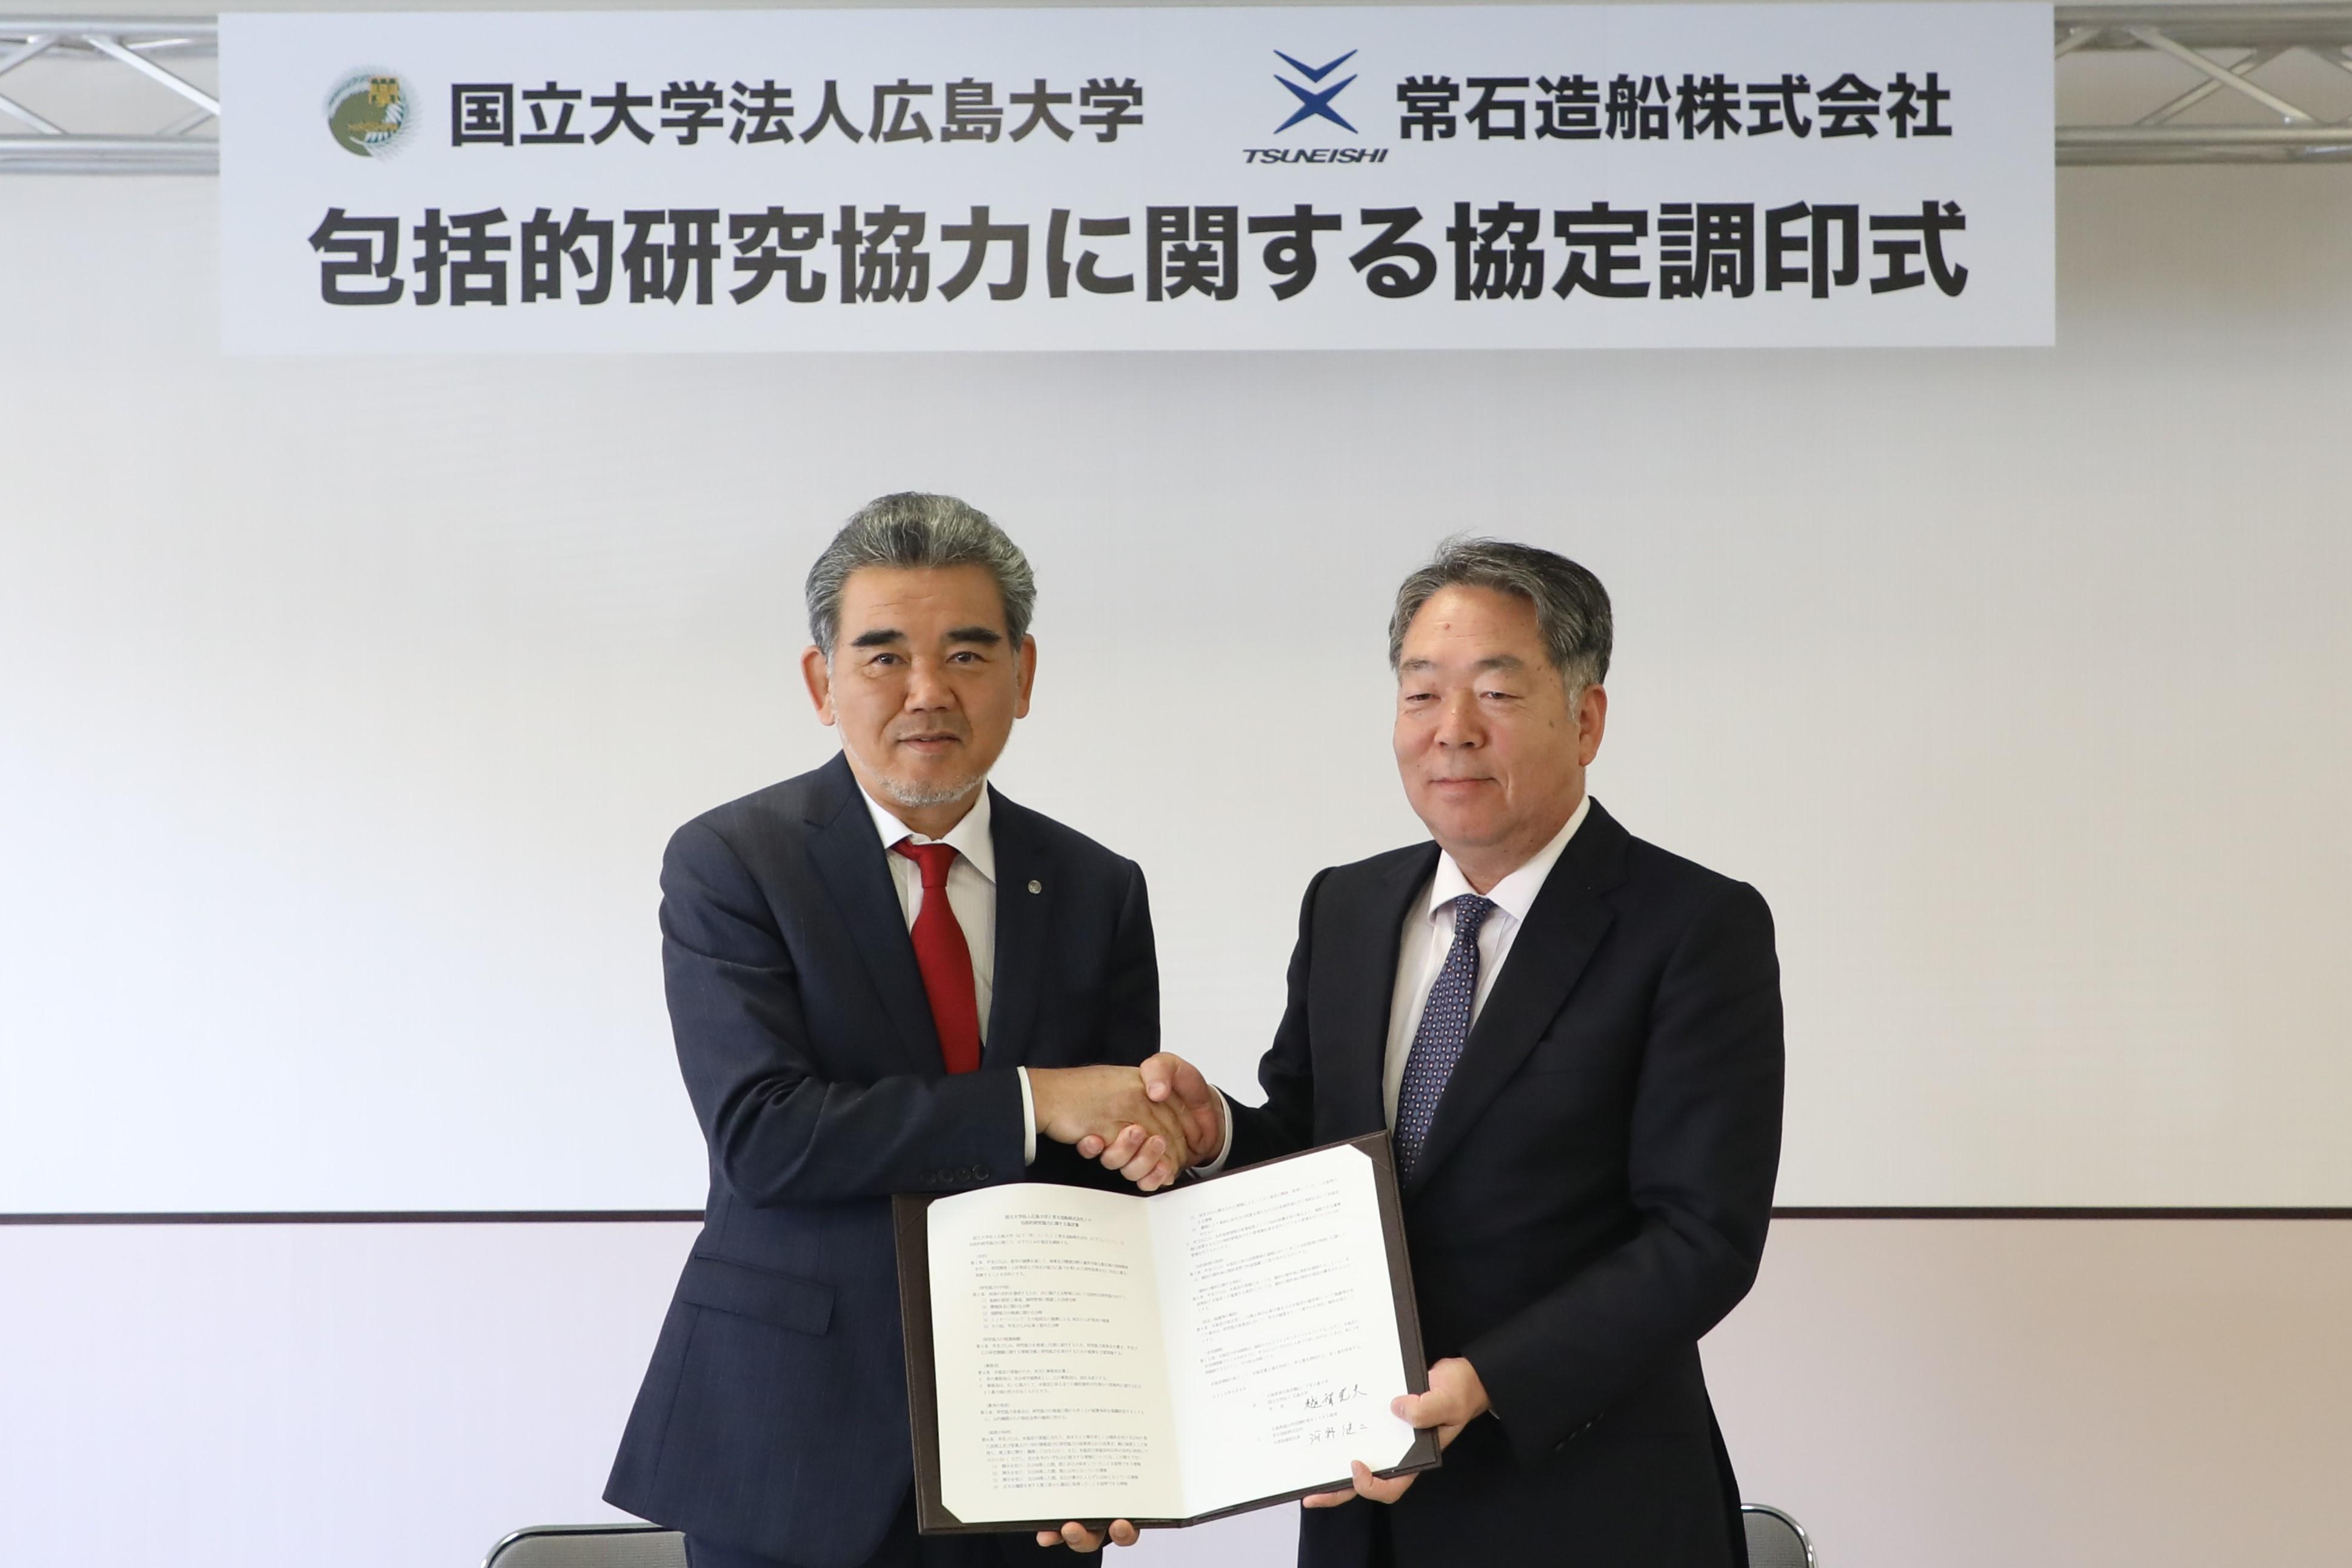 常石造船社长 河野健二(右)与广岛大学校长越智光夫(左)在签约仪式上